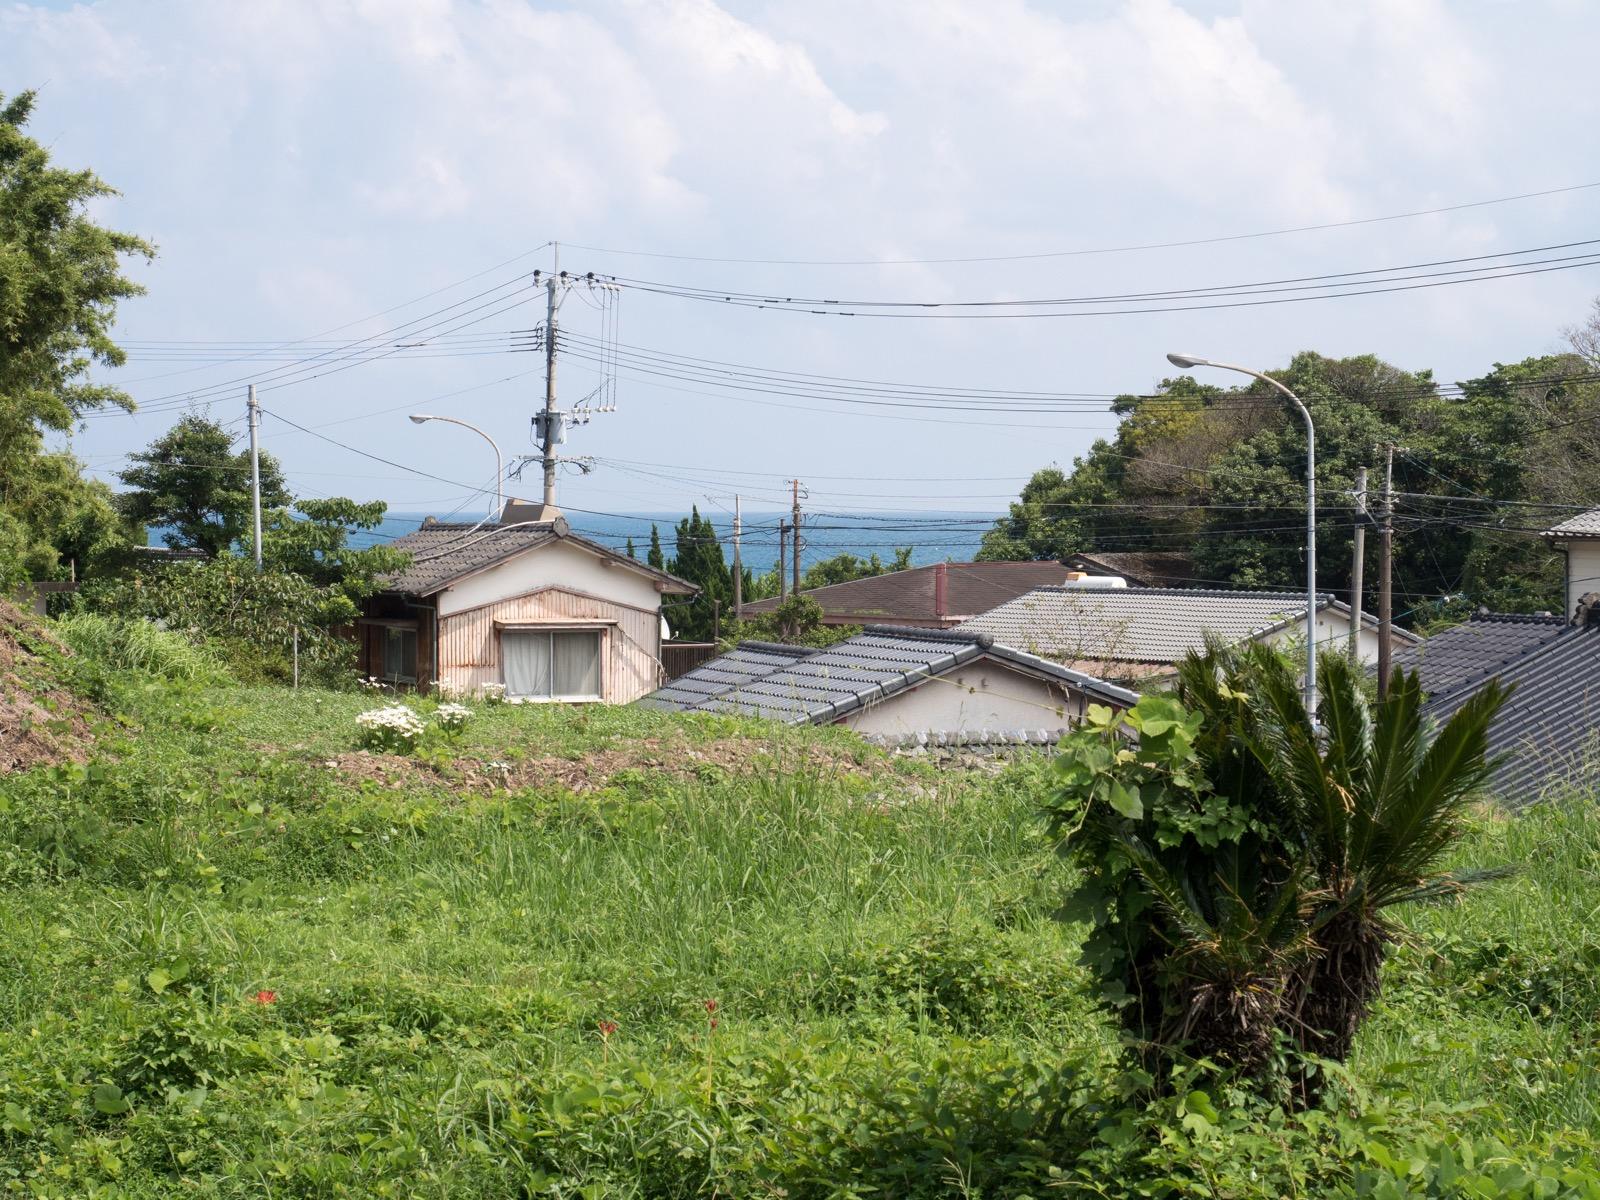 伊比井駅のホームから見た太平洋